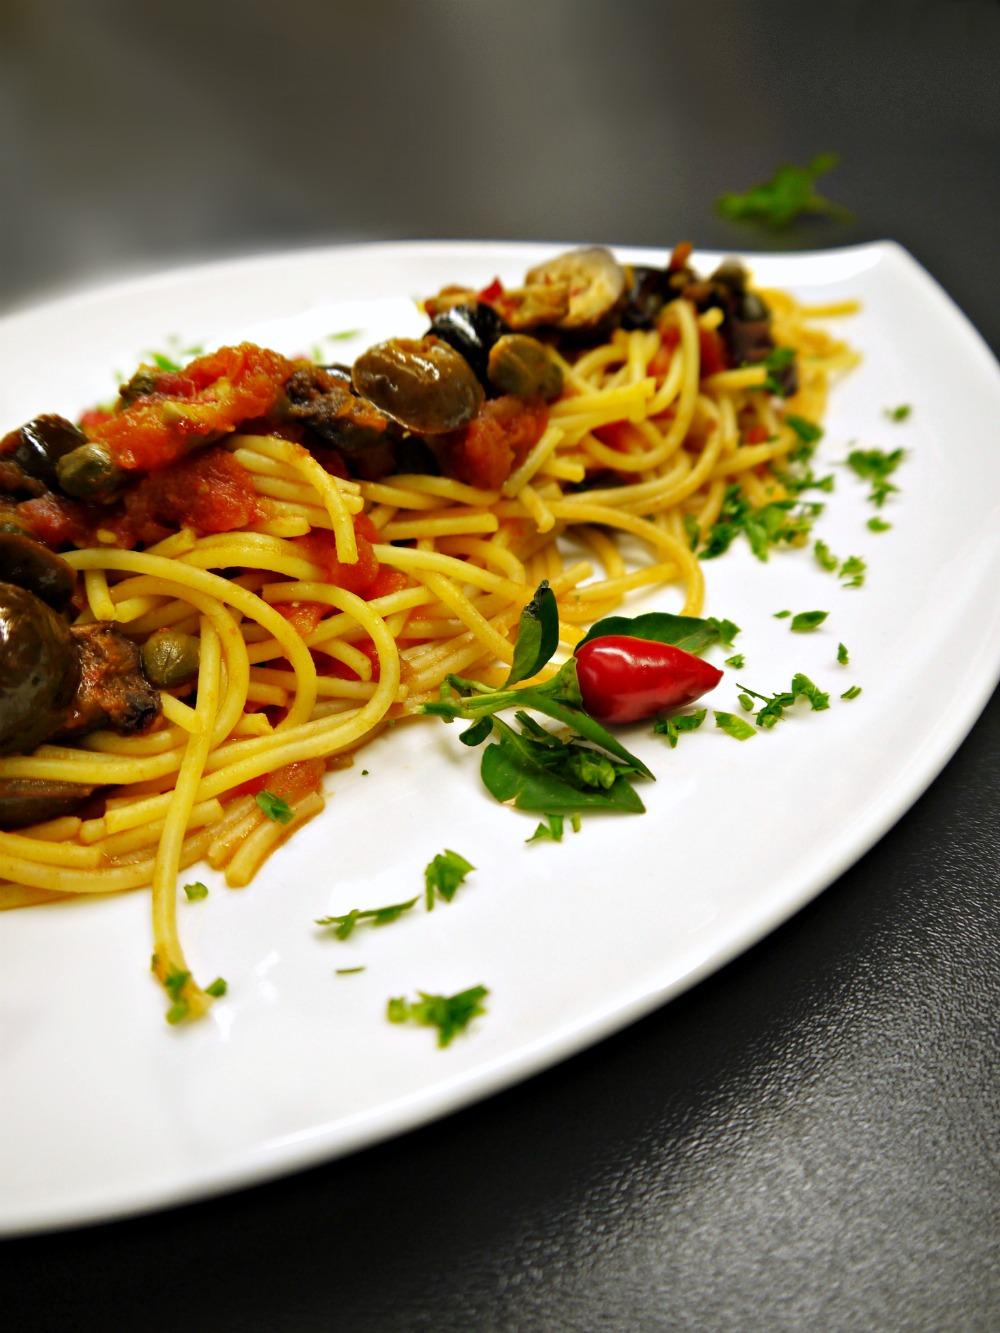 Αυθεντική πουτανέσκα στην επίσημη γεύση της Νάπολης